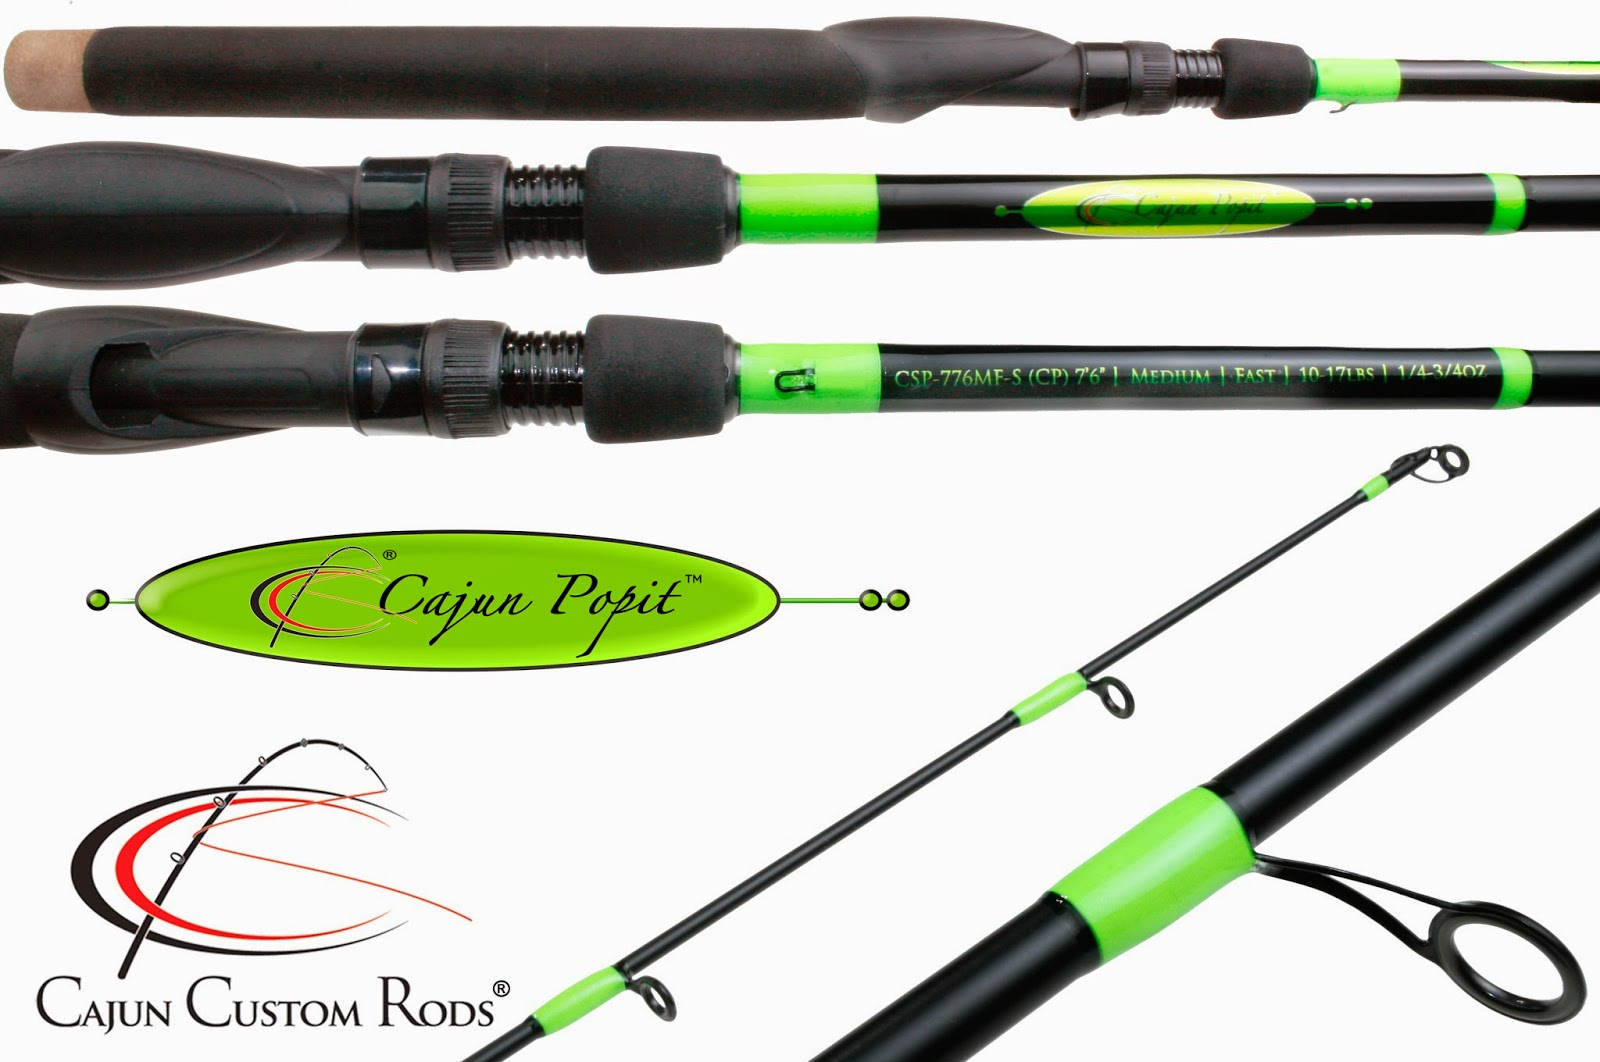 Cajun Custom Rods: Cajun Popit™